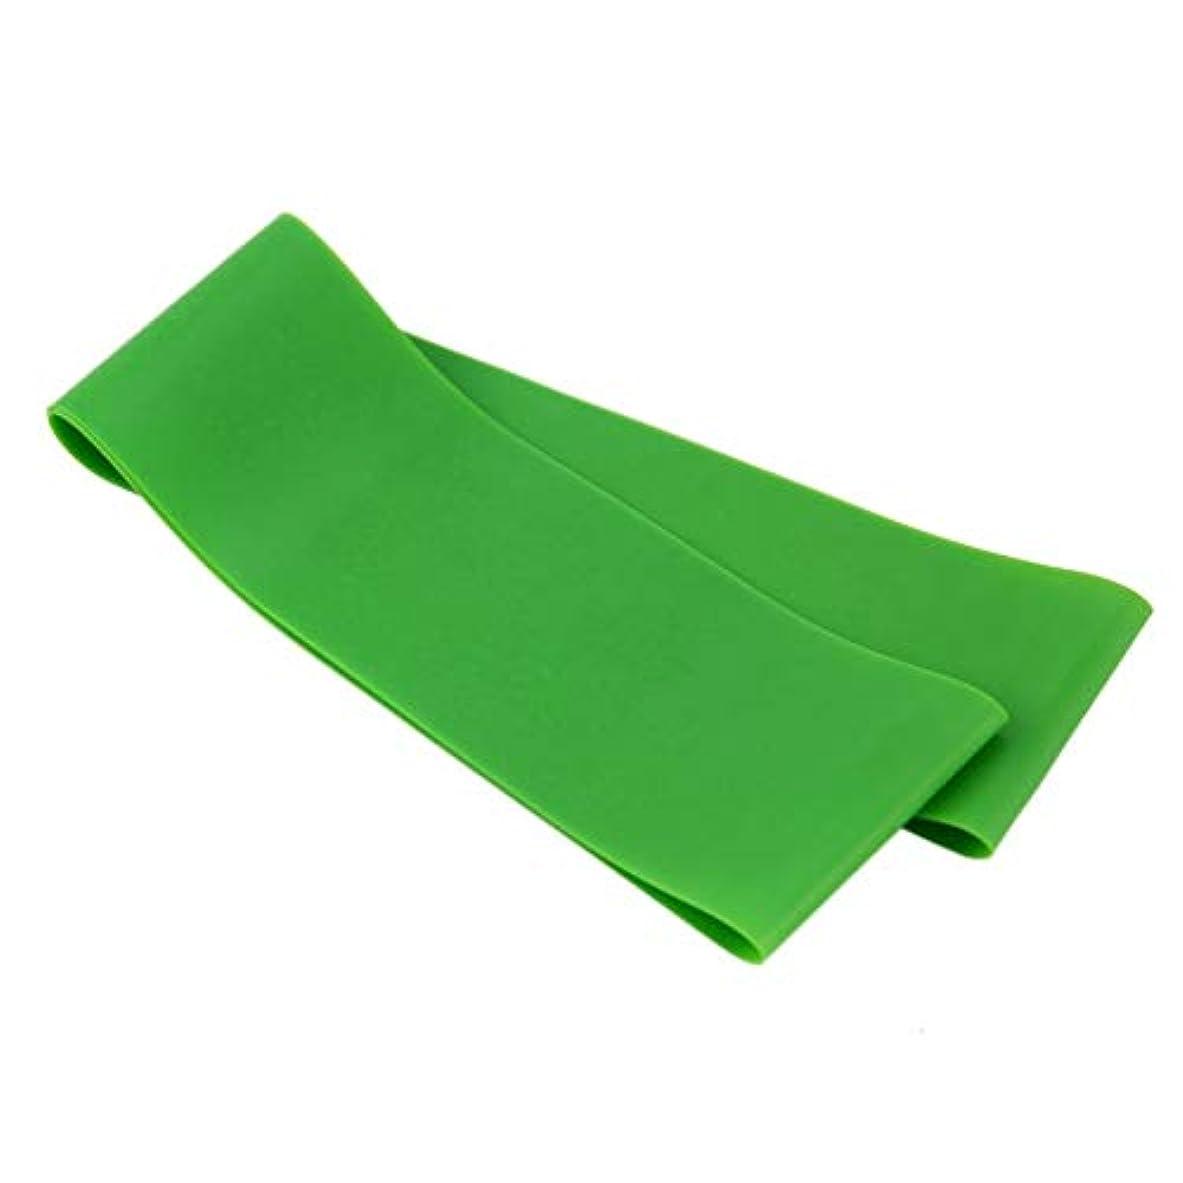 文明いたずらなピッチ滑り止め伸縮性ゴム弾性ヨガベルトバンドプルロープ張力抵抗バンドループ強度のためのフィットネスヨガツール - グリーン